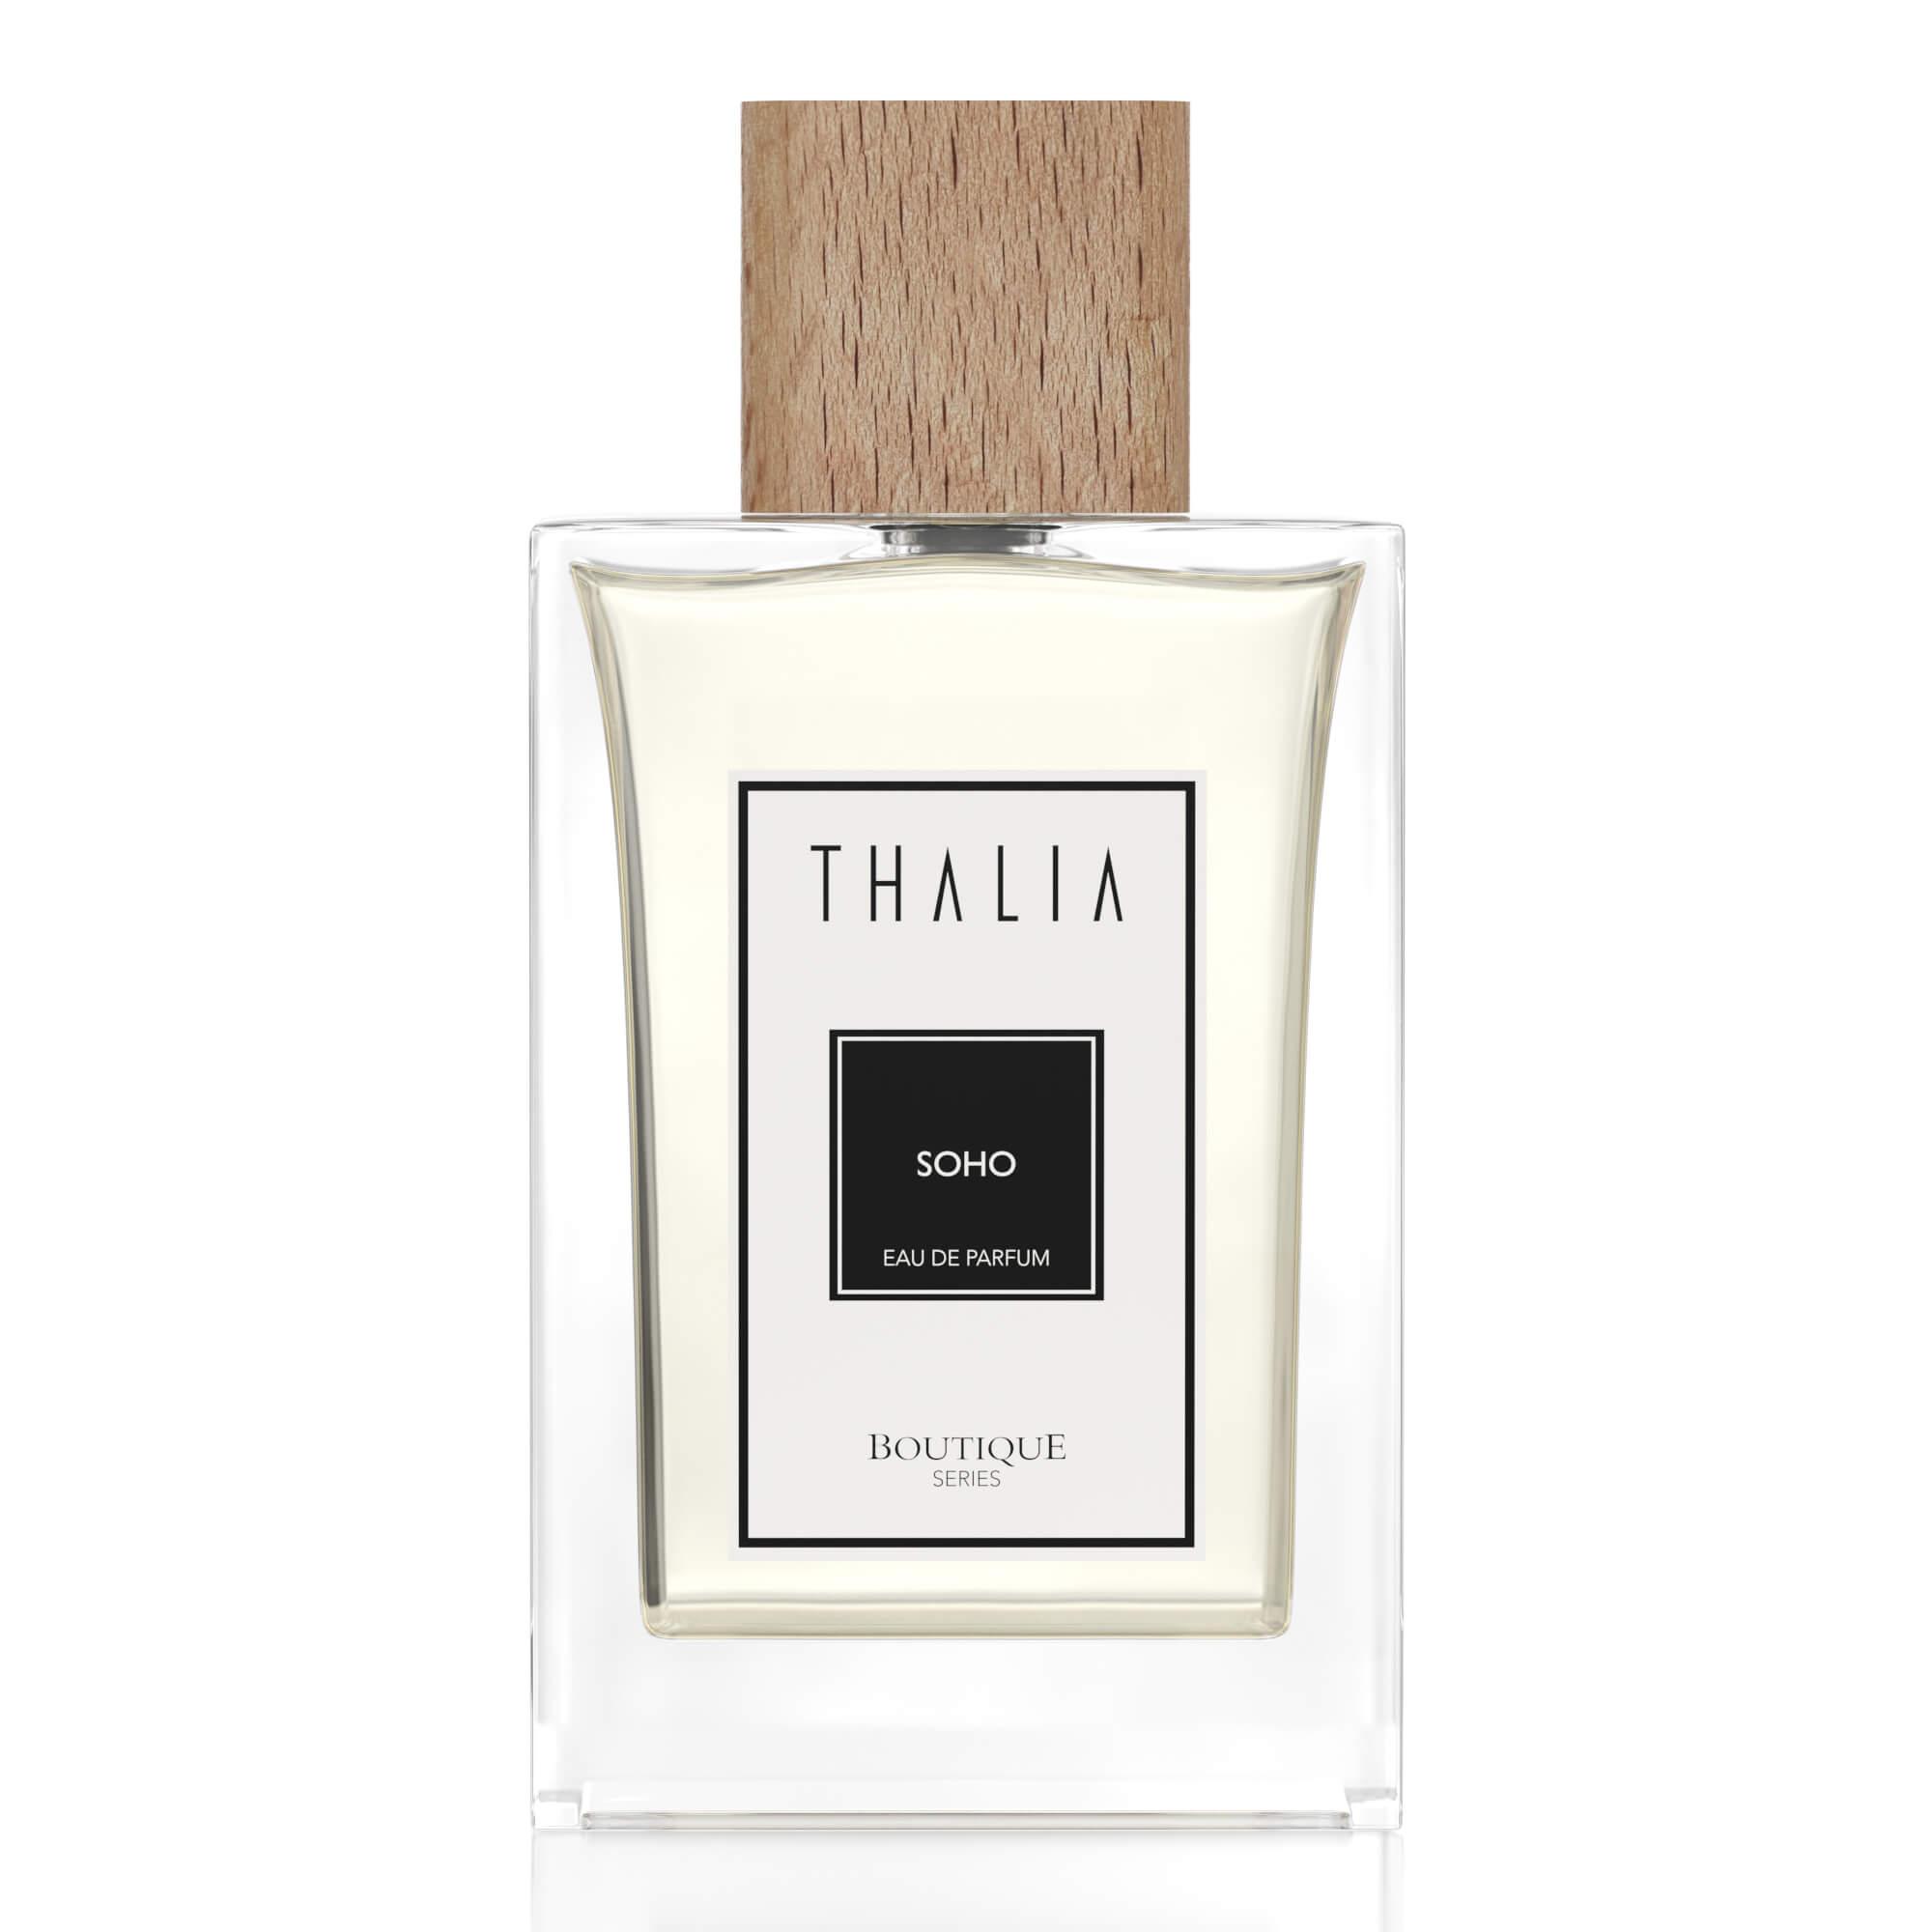 Thalia Boutique Soho Eau De Parfüm 75 Ml